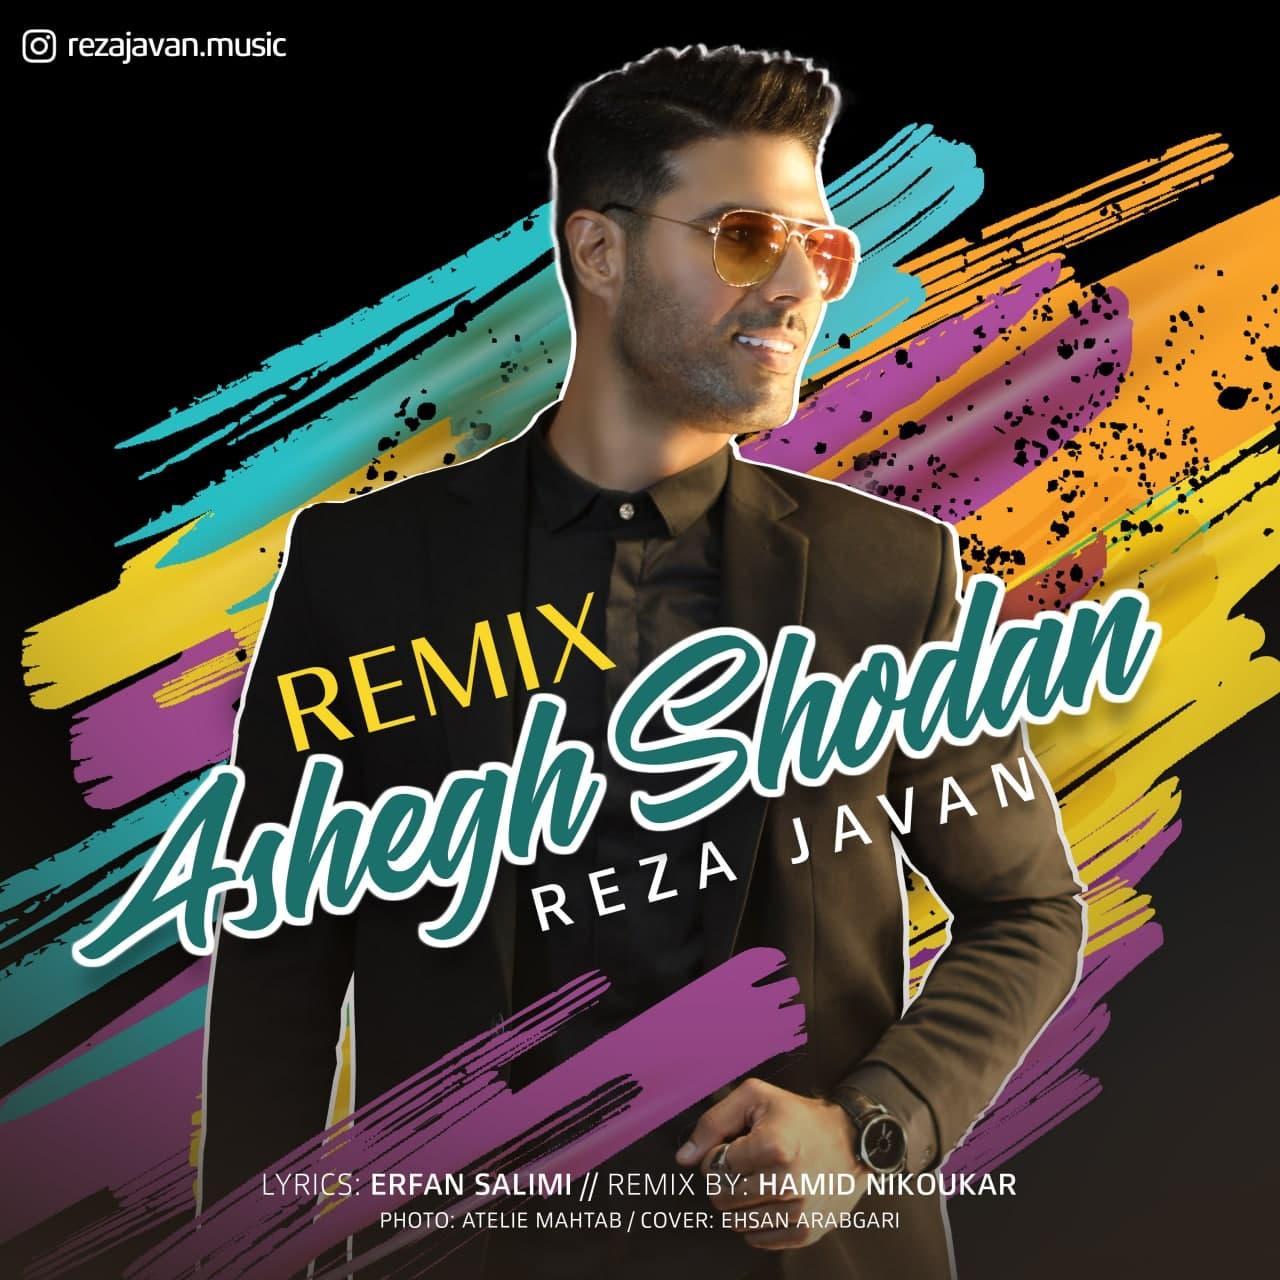 Reza Javan – Ashegh Shodan (Remix)